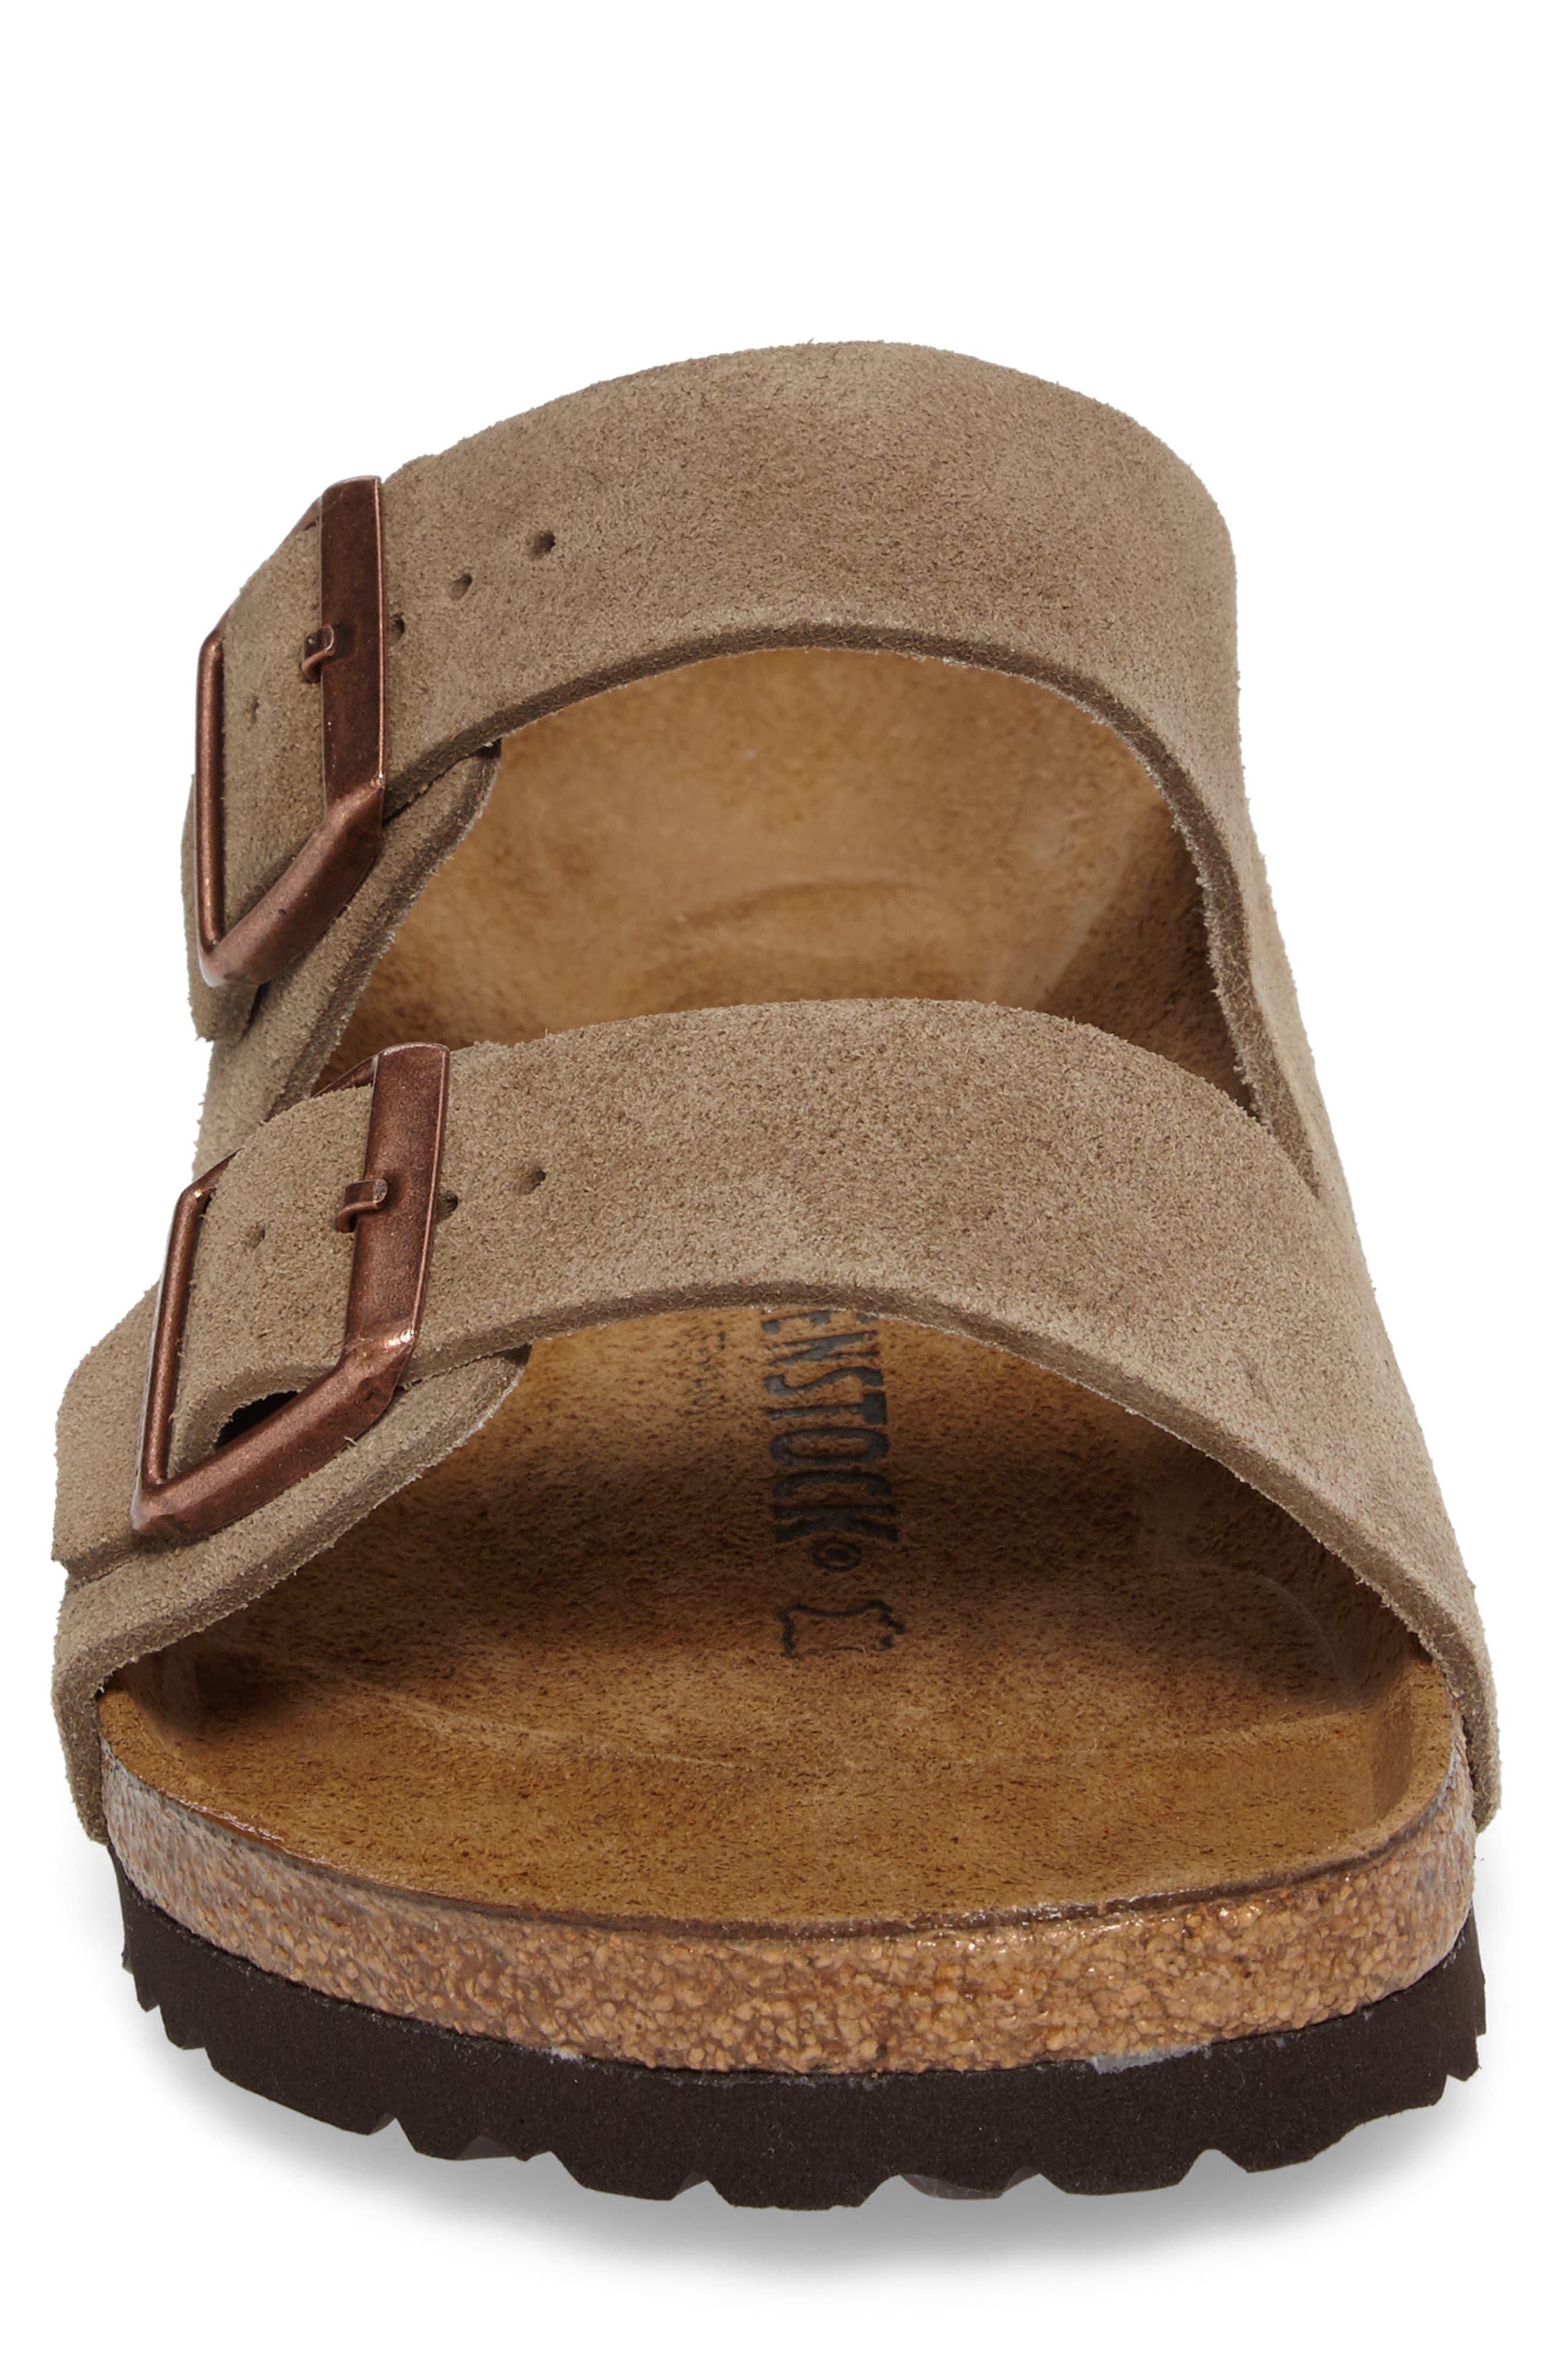 'Arizona' Sandal,                             Alternate thumbnail 5, color,                             TAUPE